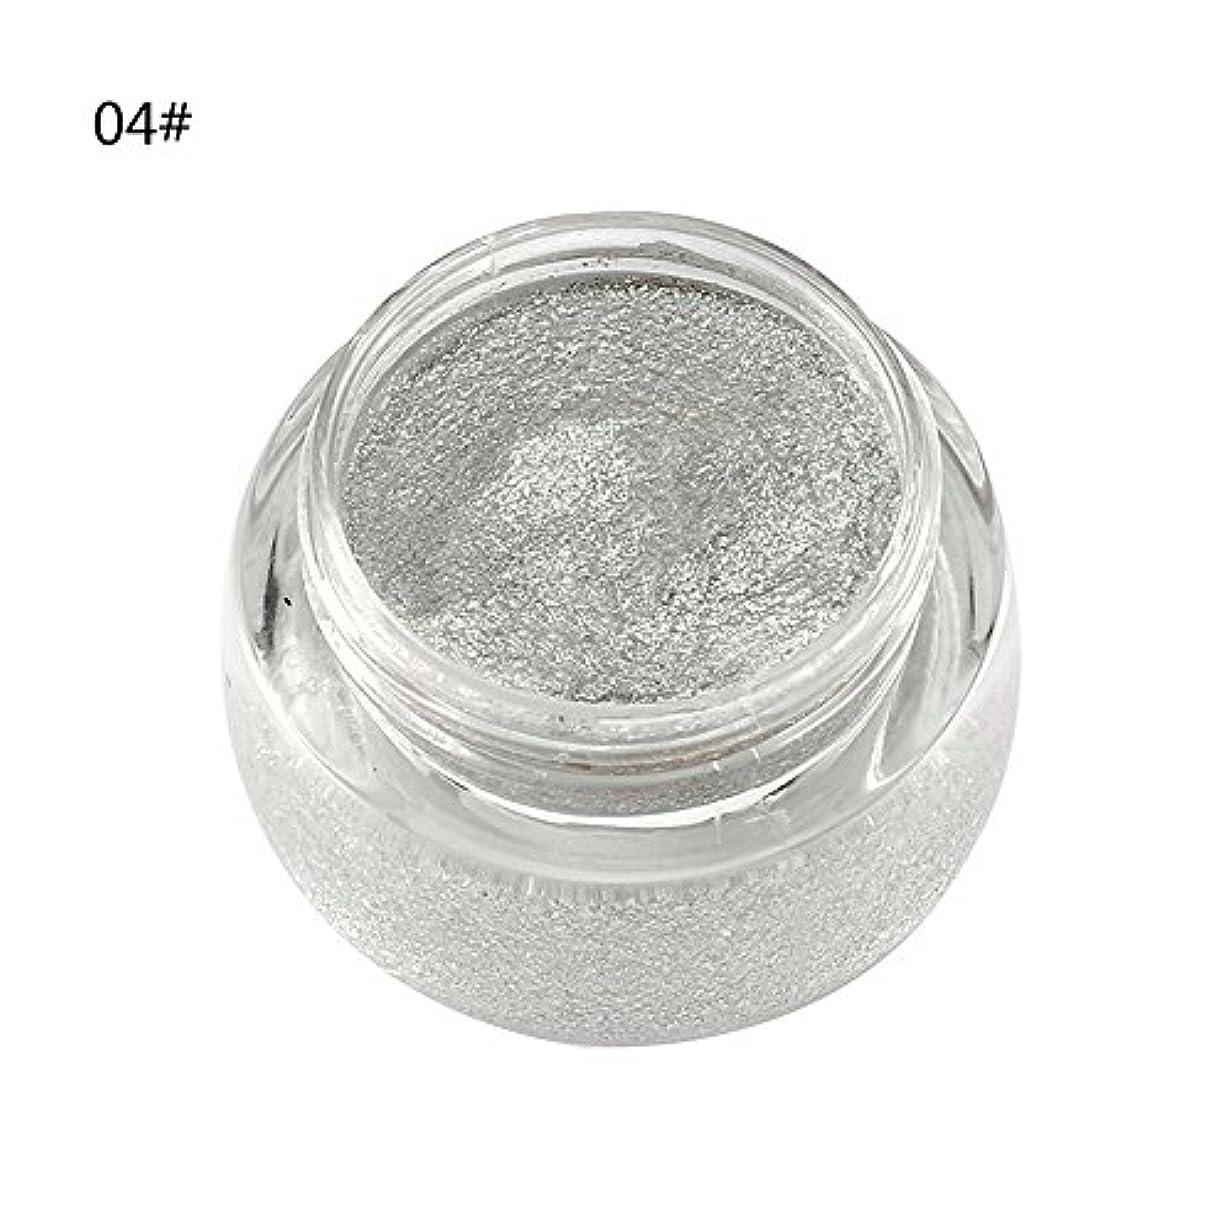 繁栄する迅速五アイシャドウ 単色 化粧品 光沢 保湿 キラキラ 美しい タイプ 04